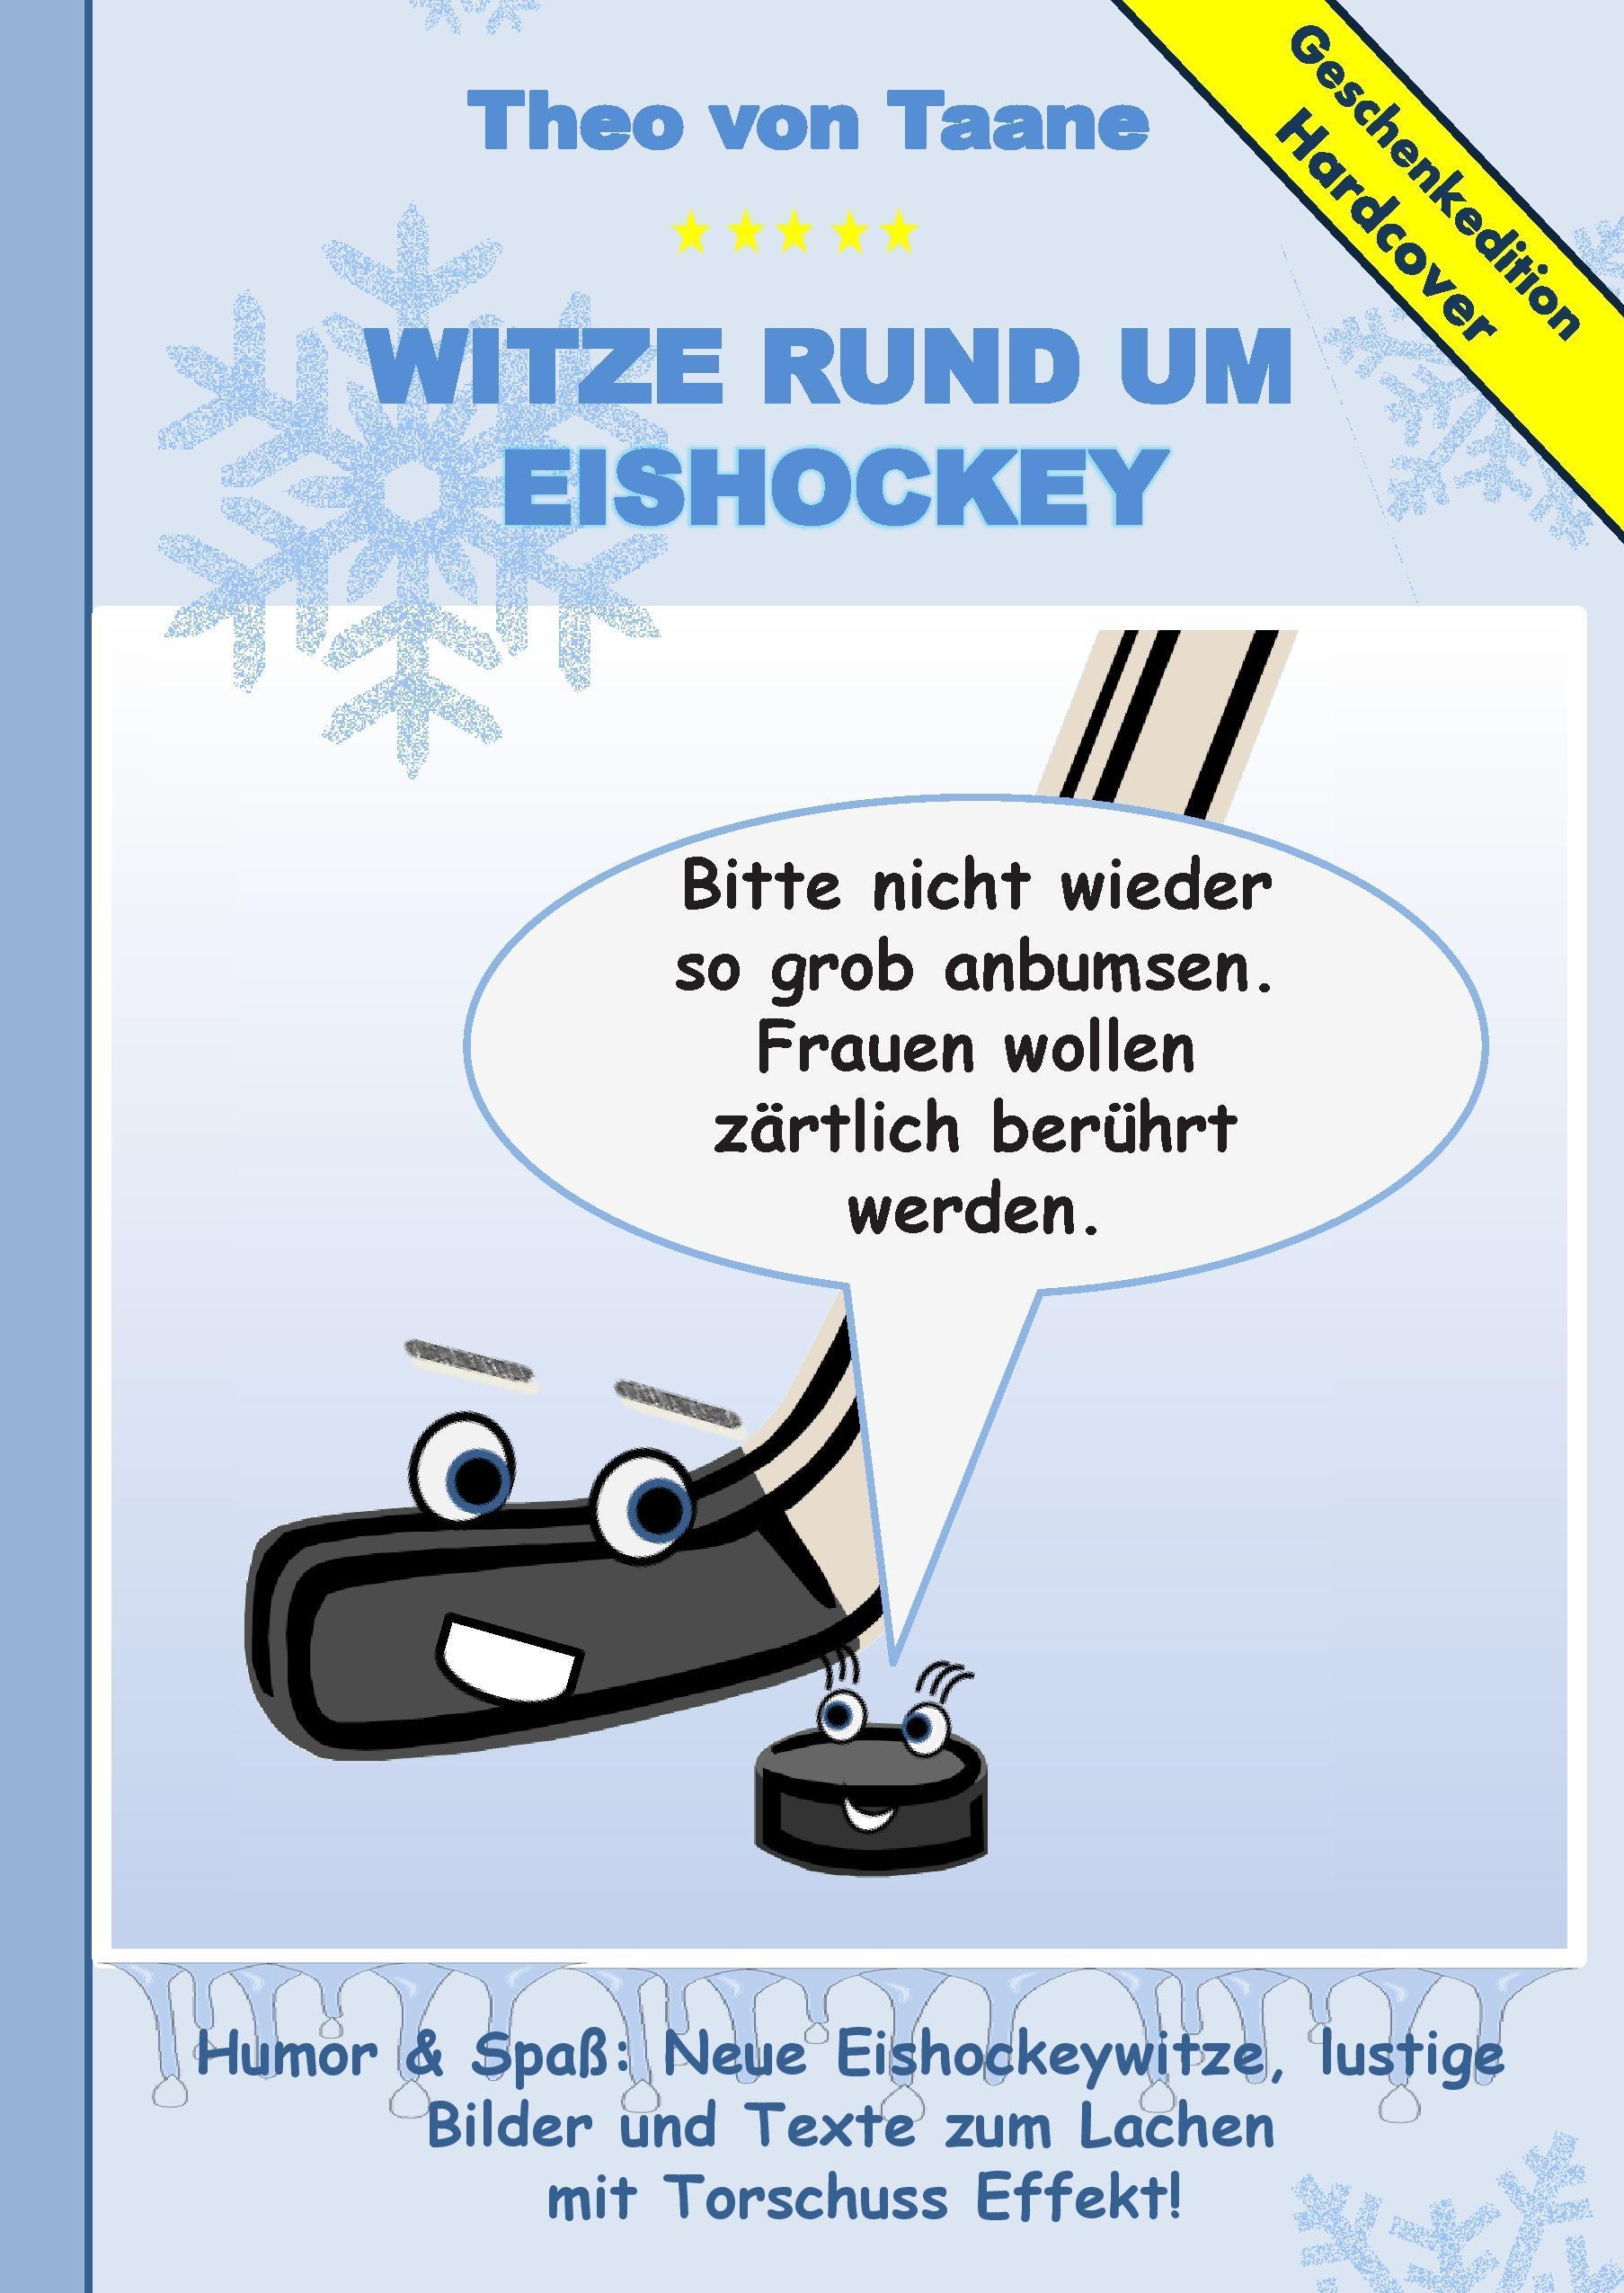 Geschenkausgabe Hardcover: Humor & Spaß - Neue Witze rund um Eis